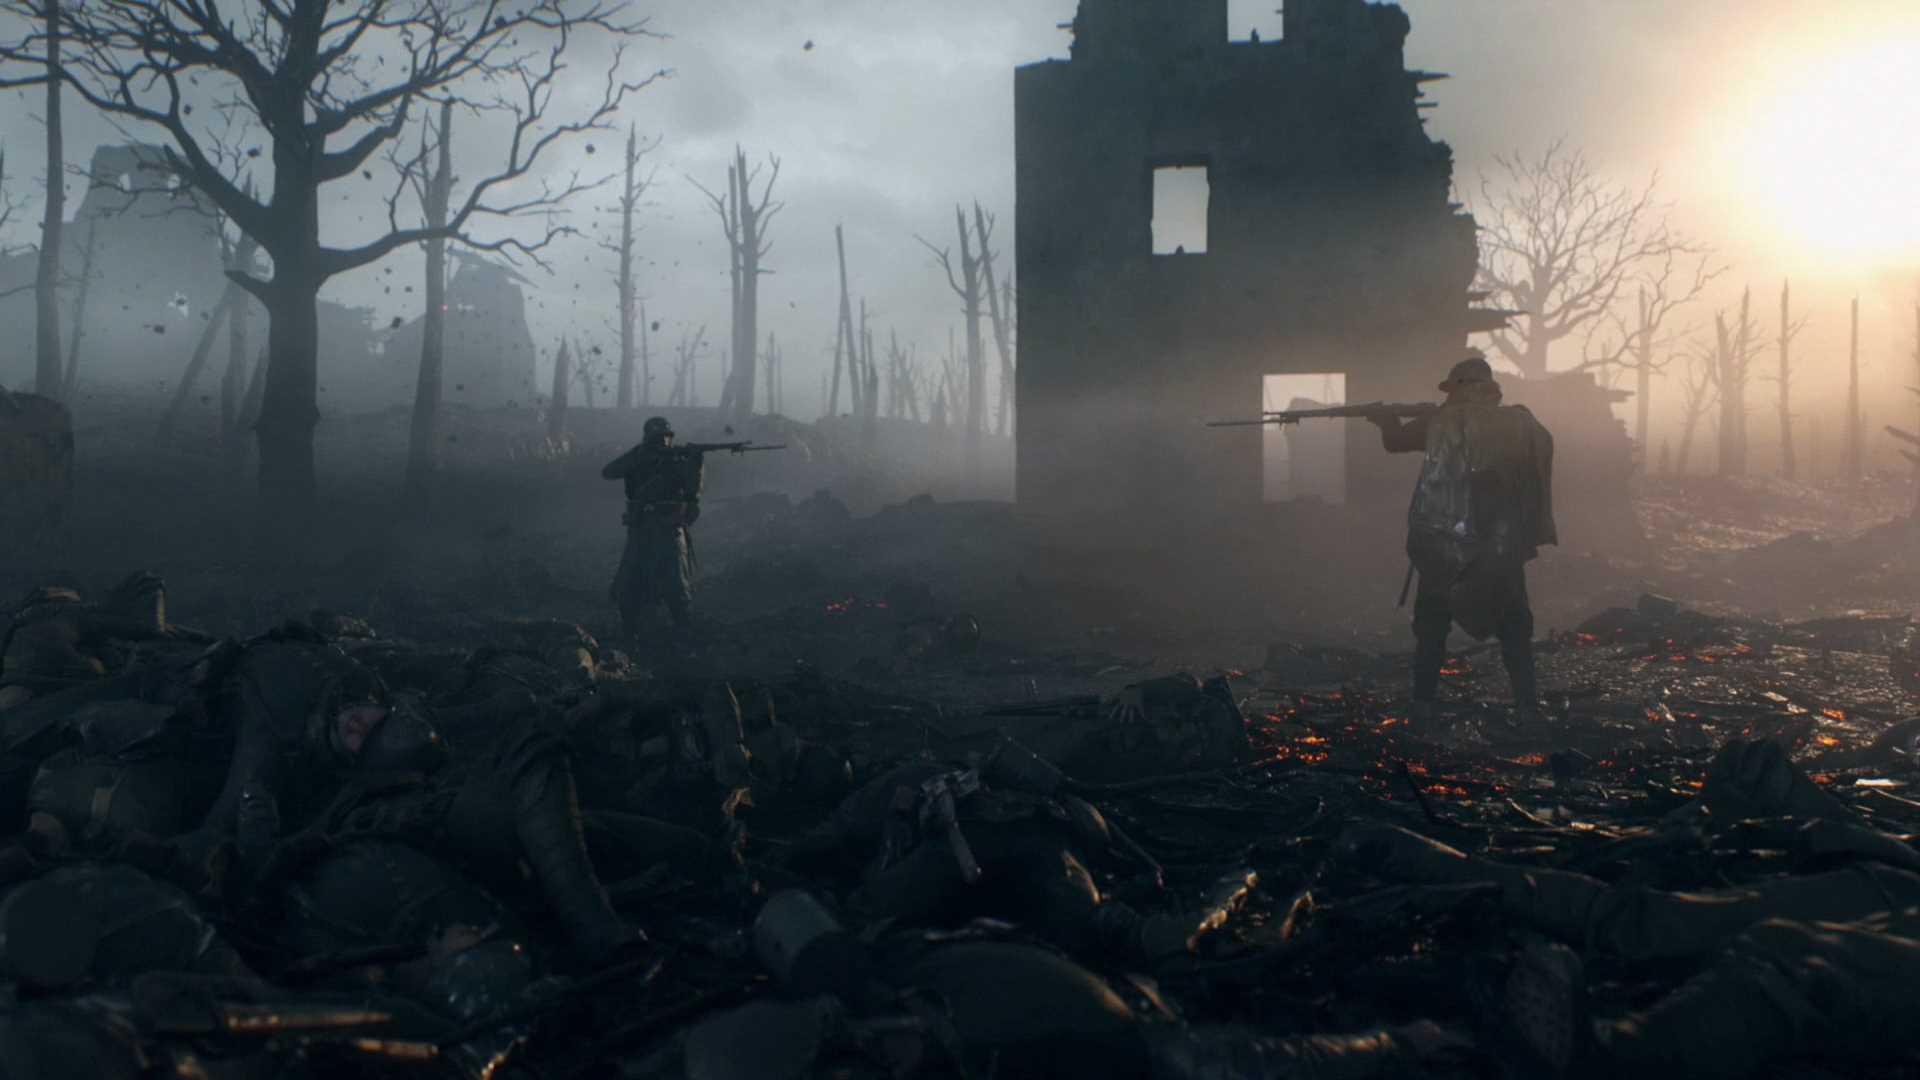 Wallpapers Fond D Ecran Pour Battlefield 1 Pc Ps4 Xbox